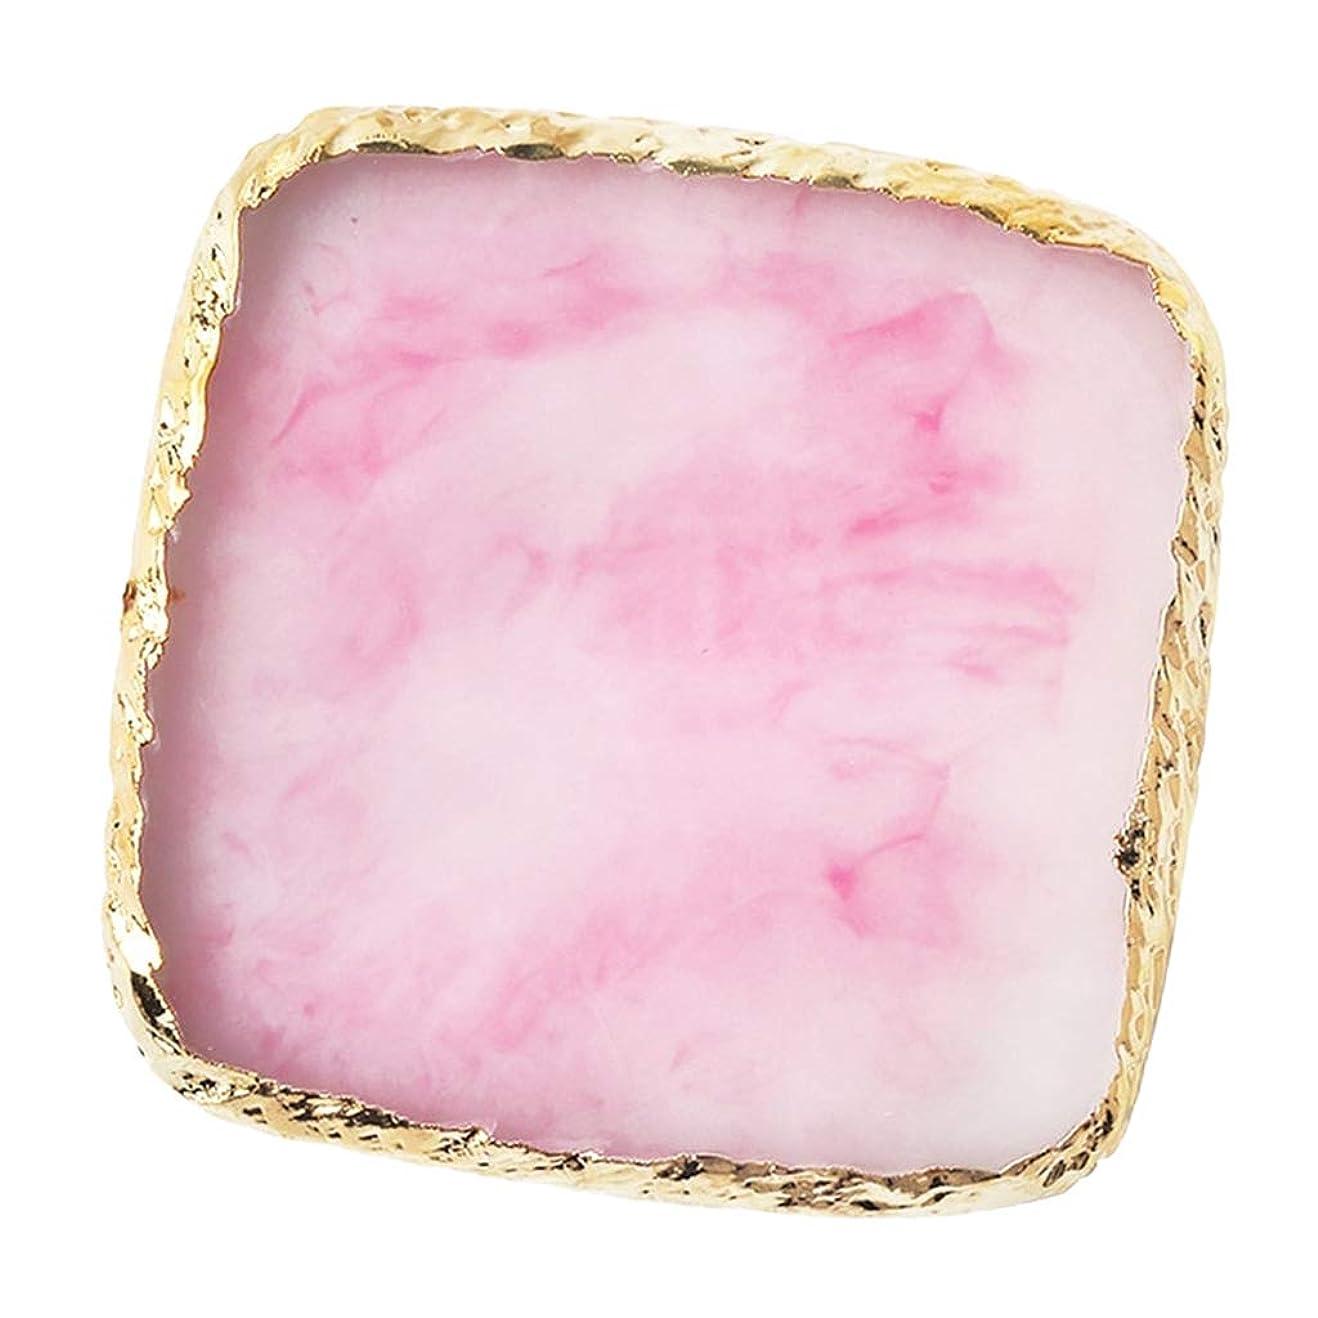 全体島電化するIPOTCH ネイルアート カラーブレンド ミキシングパレット 樹脂製 6色選べ - ピンク